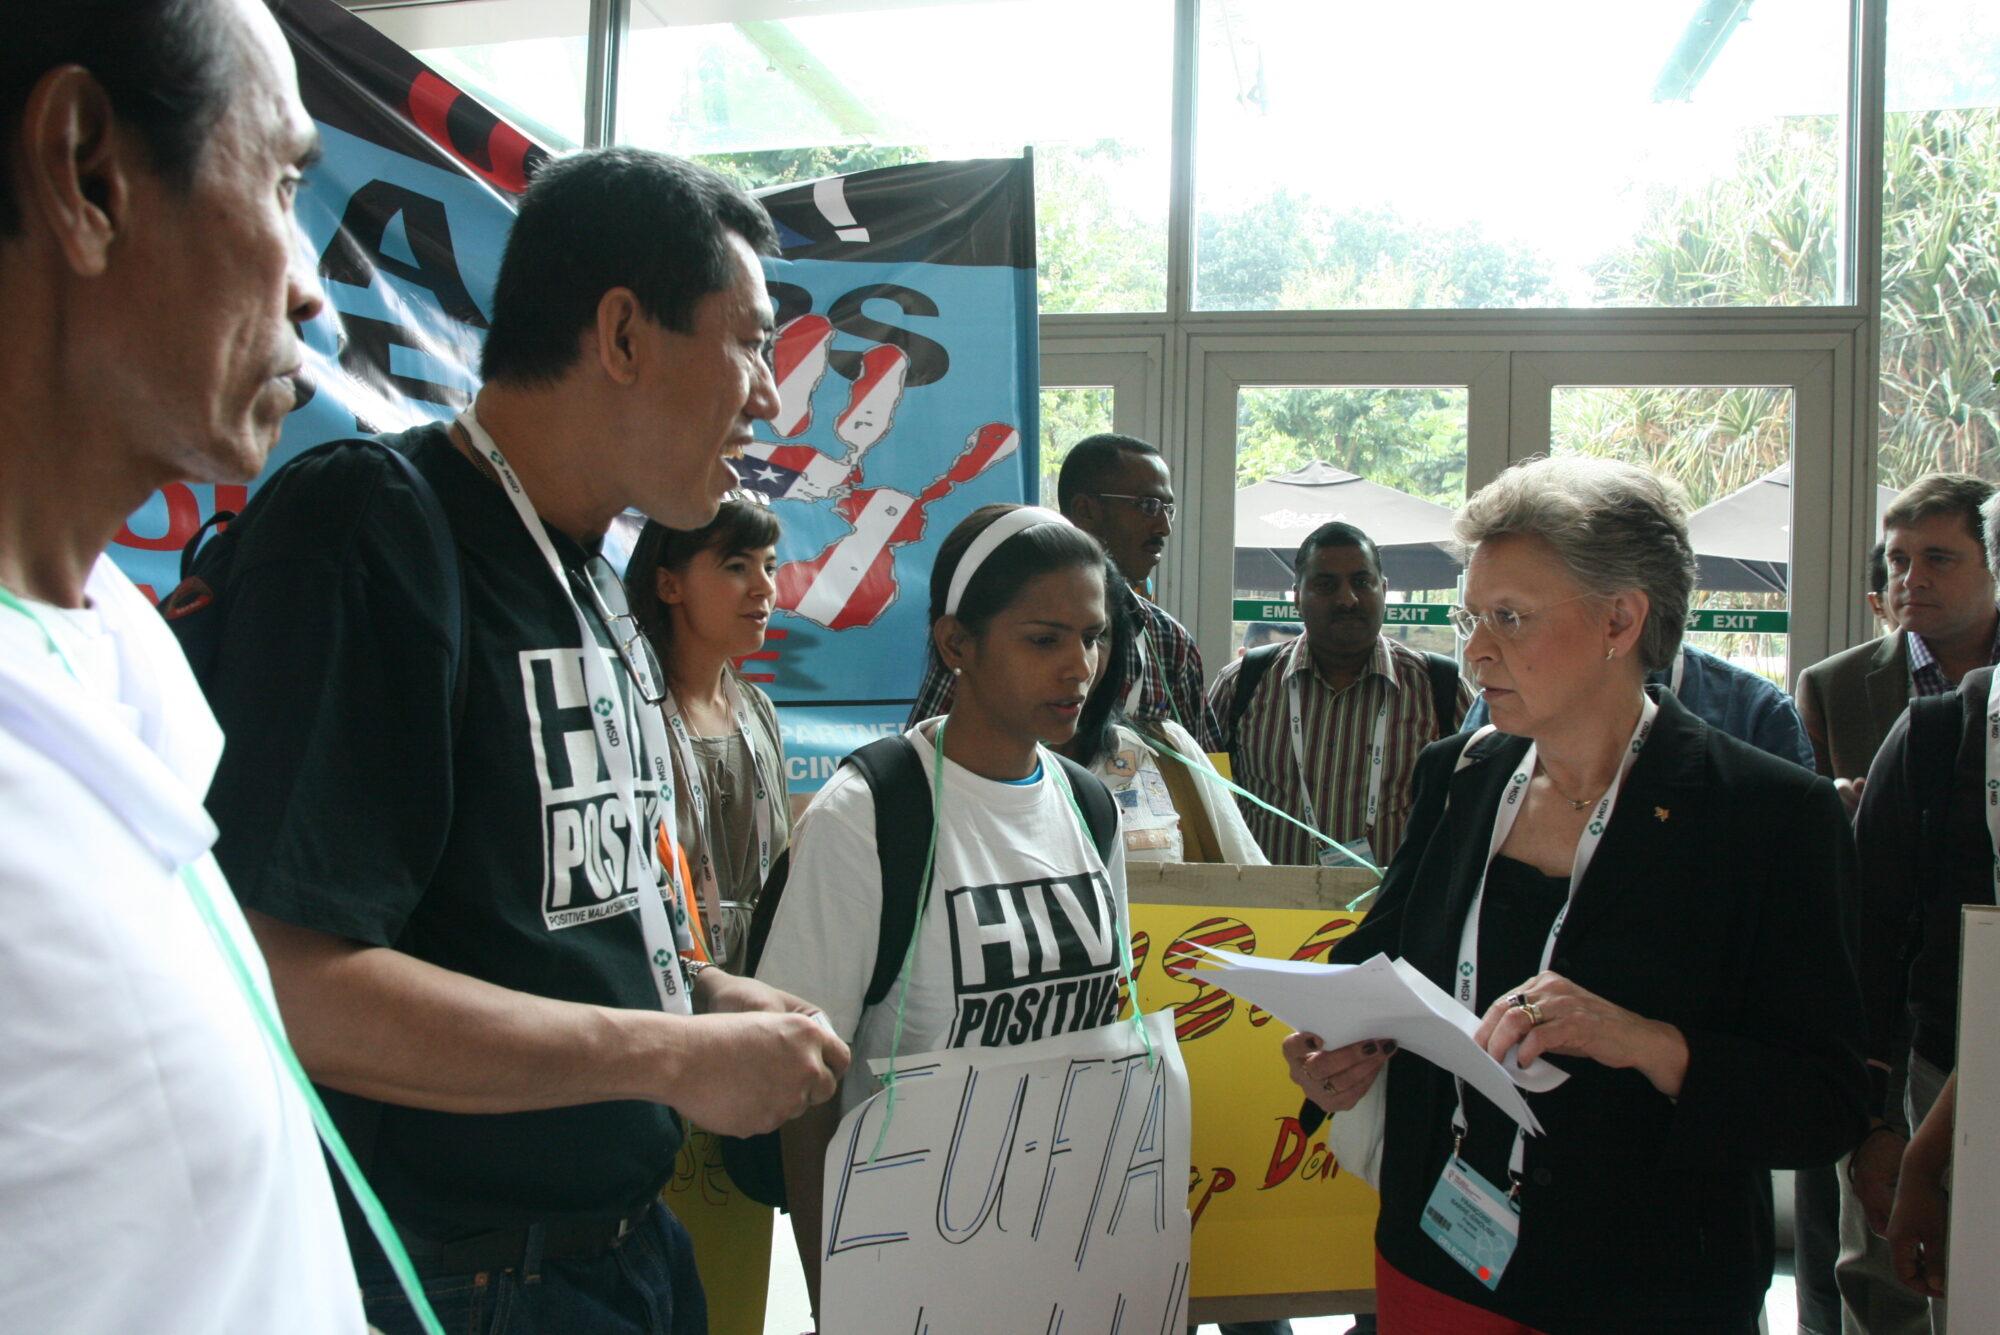 Aktivisteja mielenosoituksessa lääkkeiden saatavuutta hankaloittavia kansainvälisiä sopimuksia vastaan.